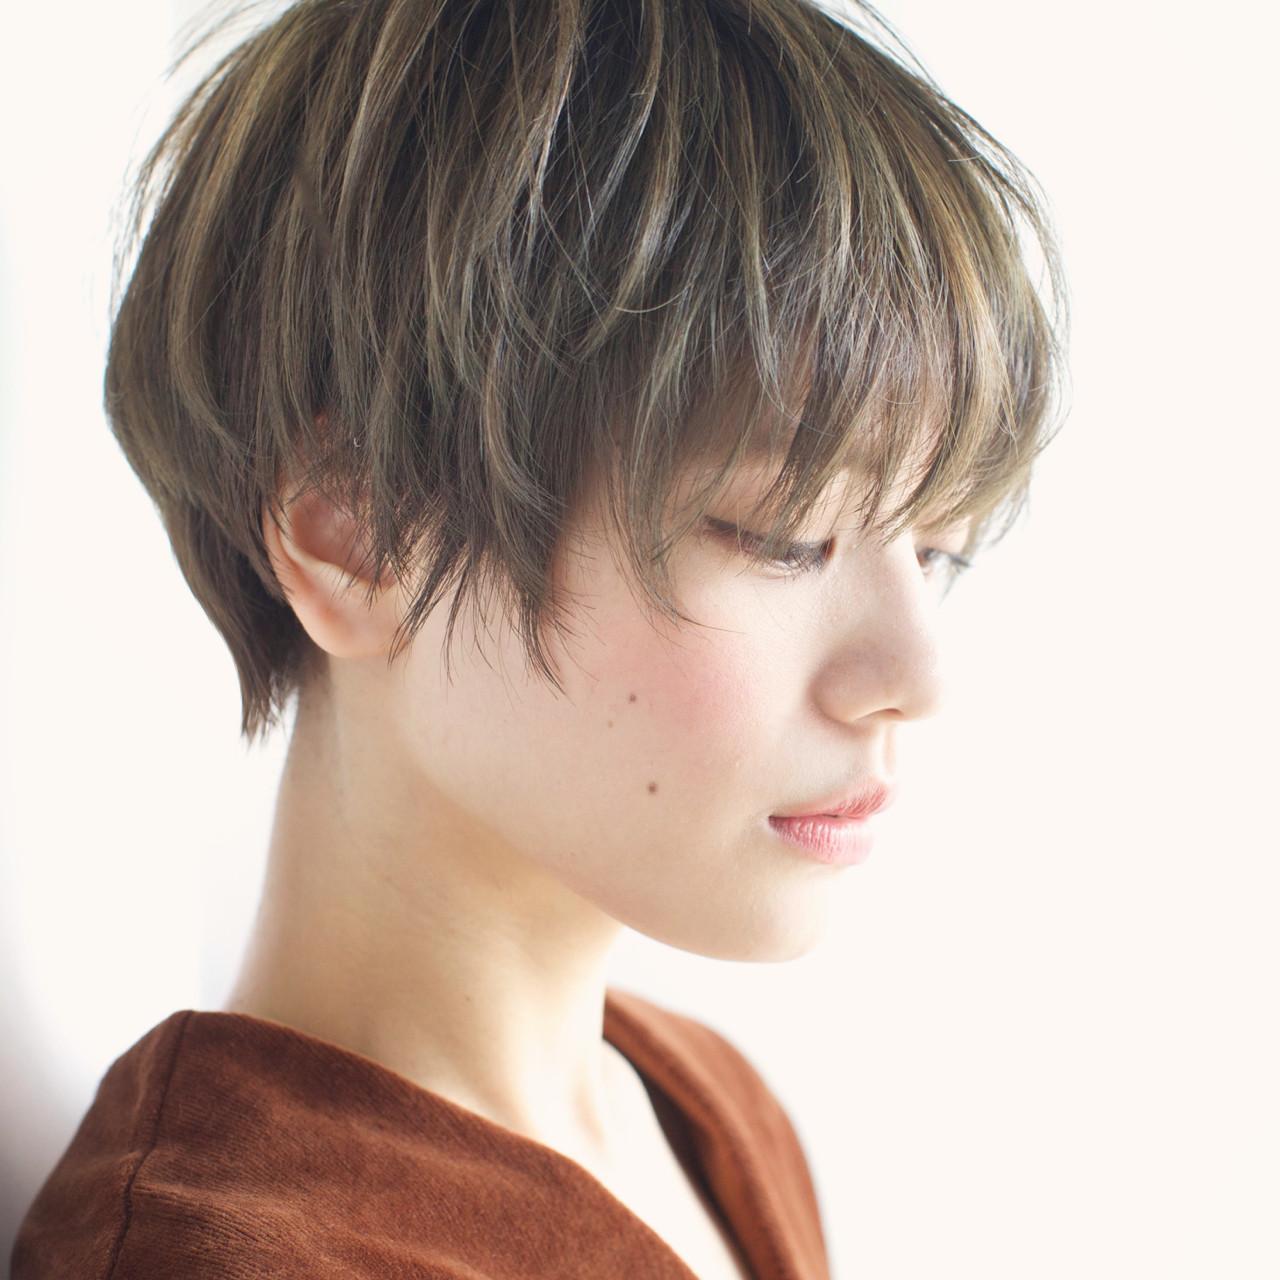 外国人風 ハイライト 大人かわいい アッシュヘアスタイルや髪型の写真・画像